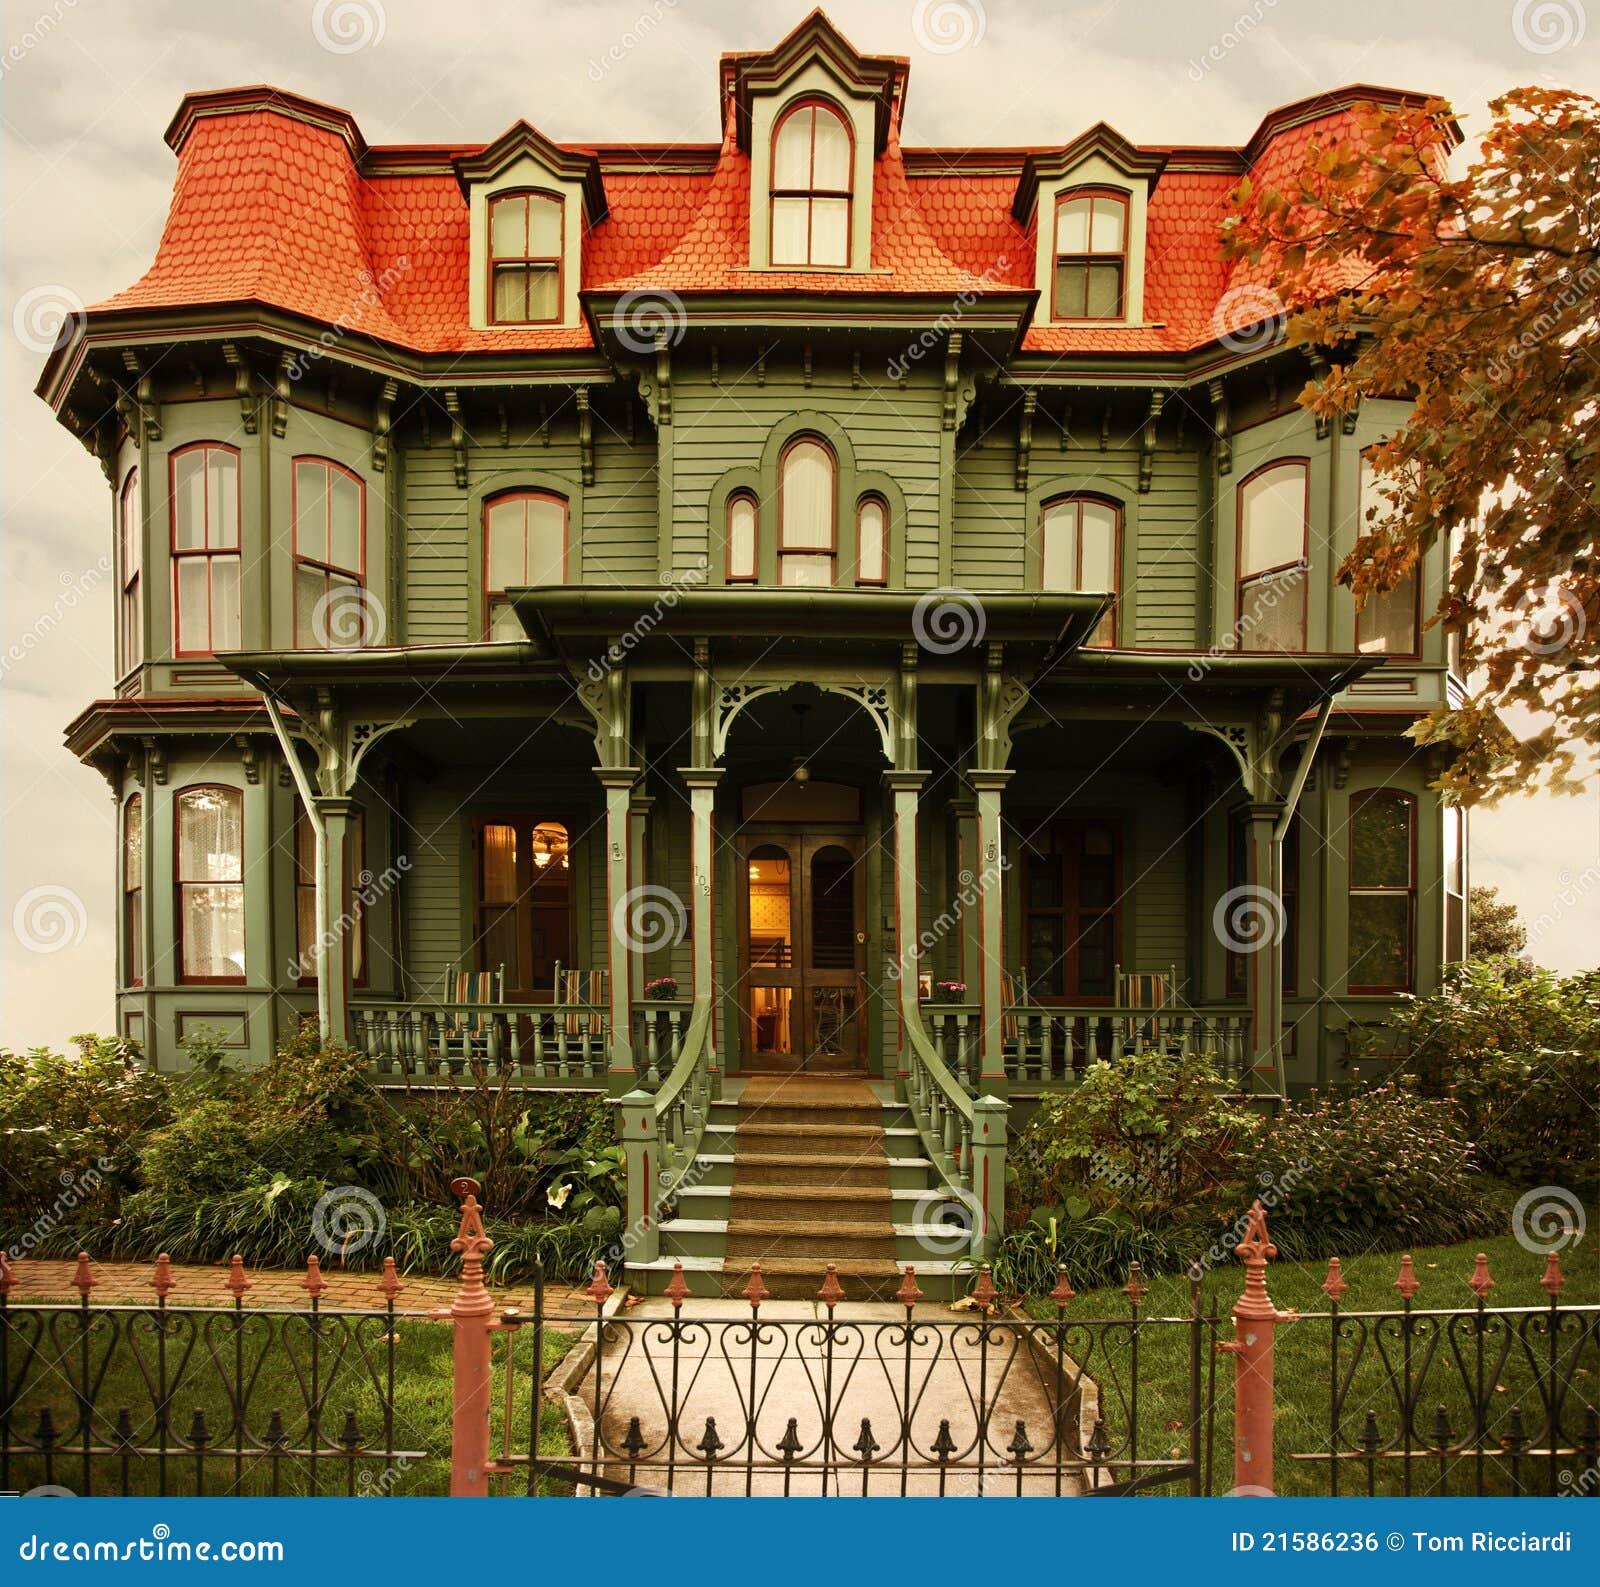 Maison victorienne image libre de droits image 21586236 - La maison victorienne ...